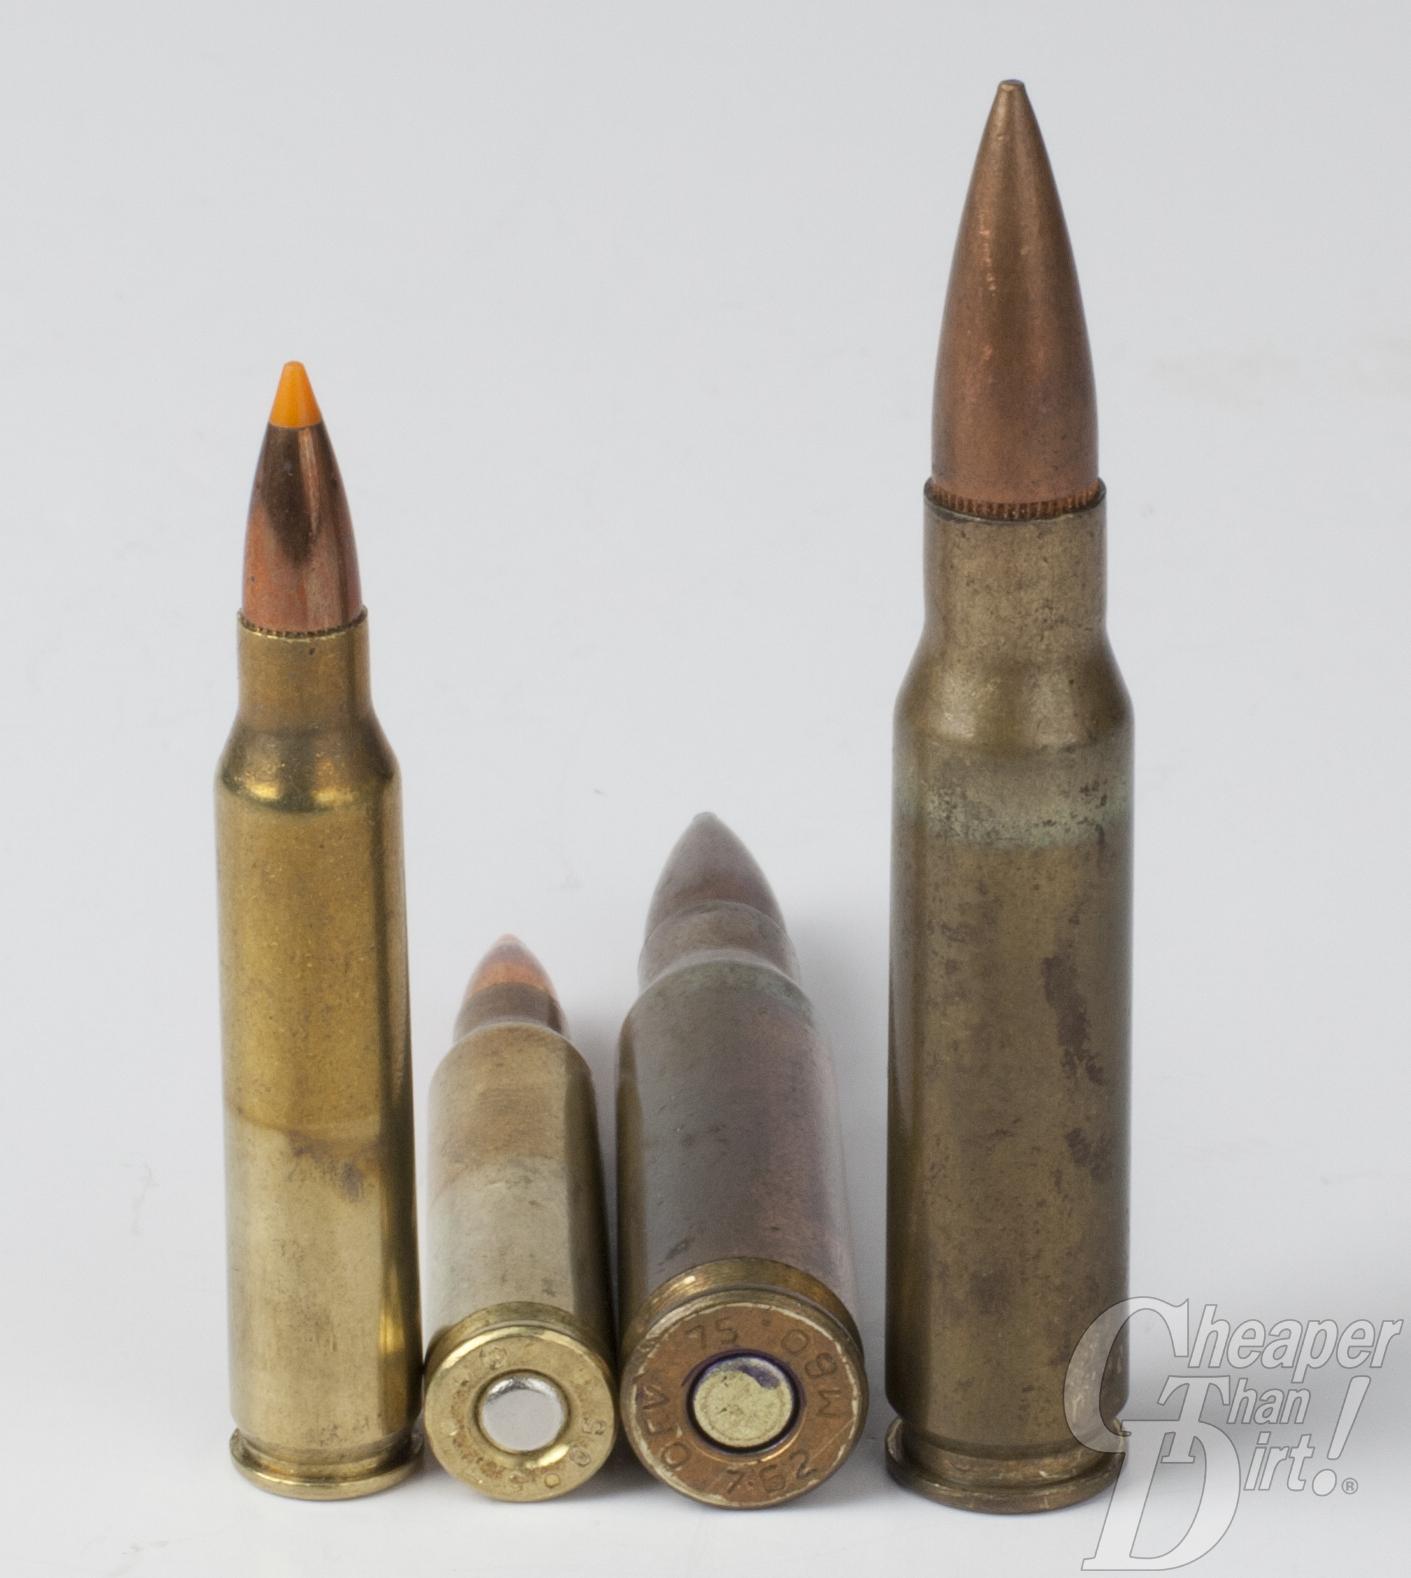 762 Nato 56 Vs Rounds 5